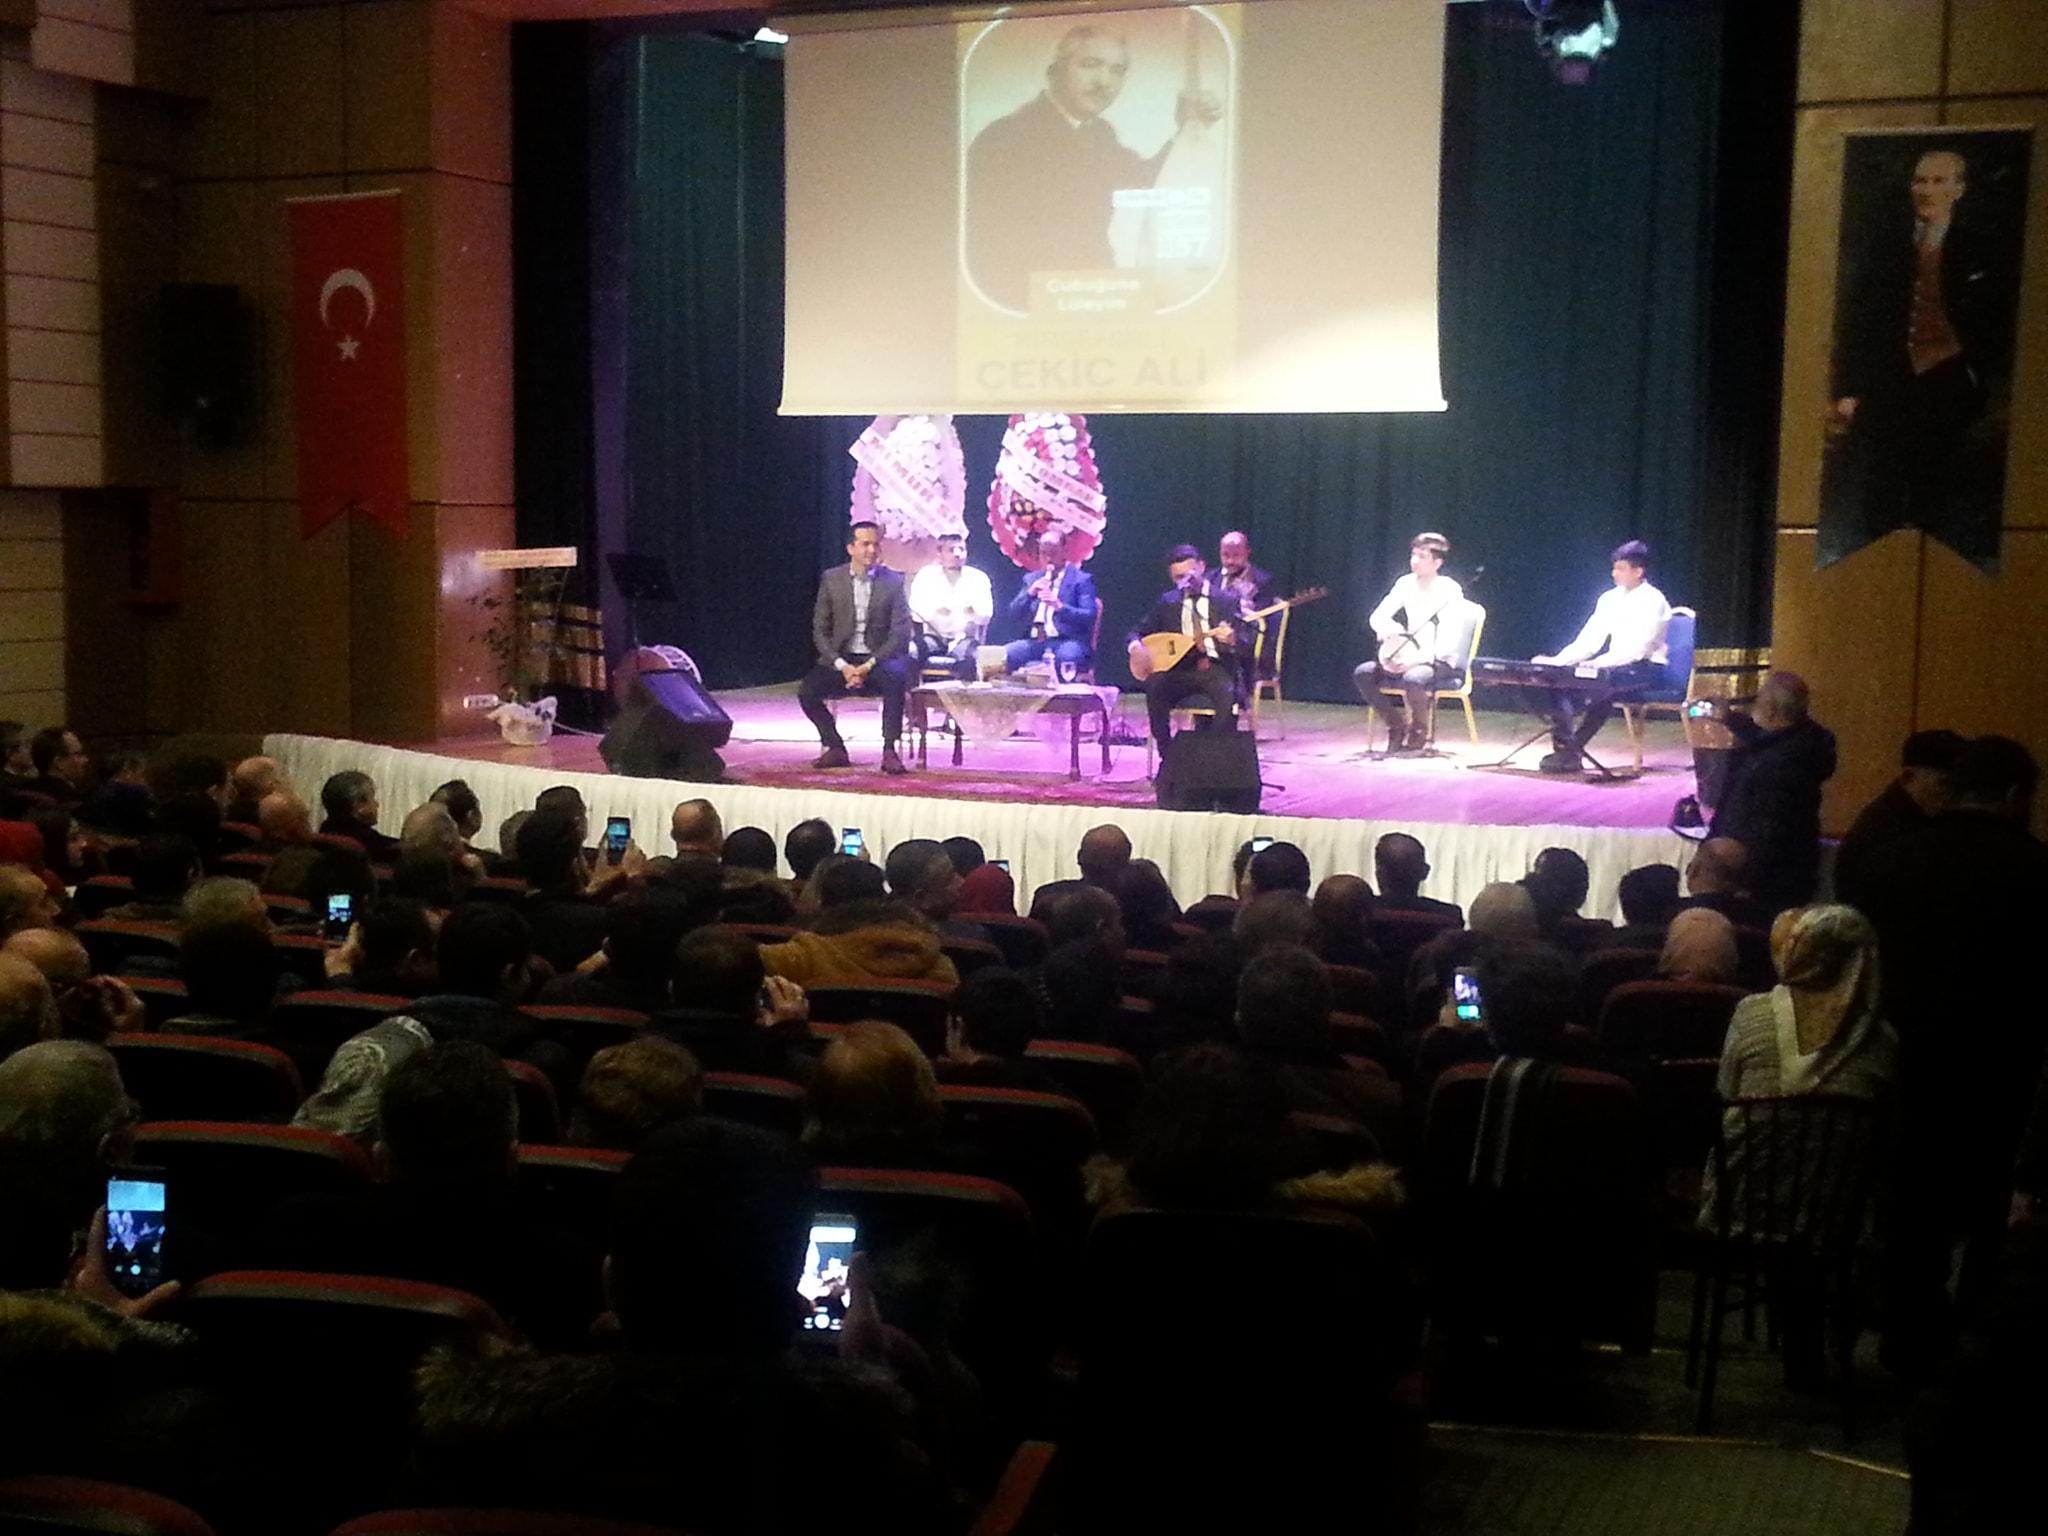 Kırıkkale'de bir bozlak hikayesi 1 - Kırıkkale'de bir bozlak hikayesi